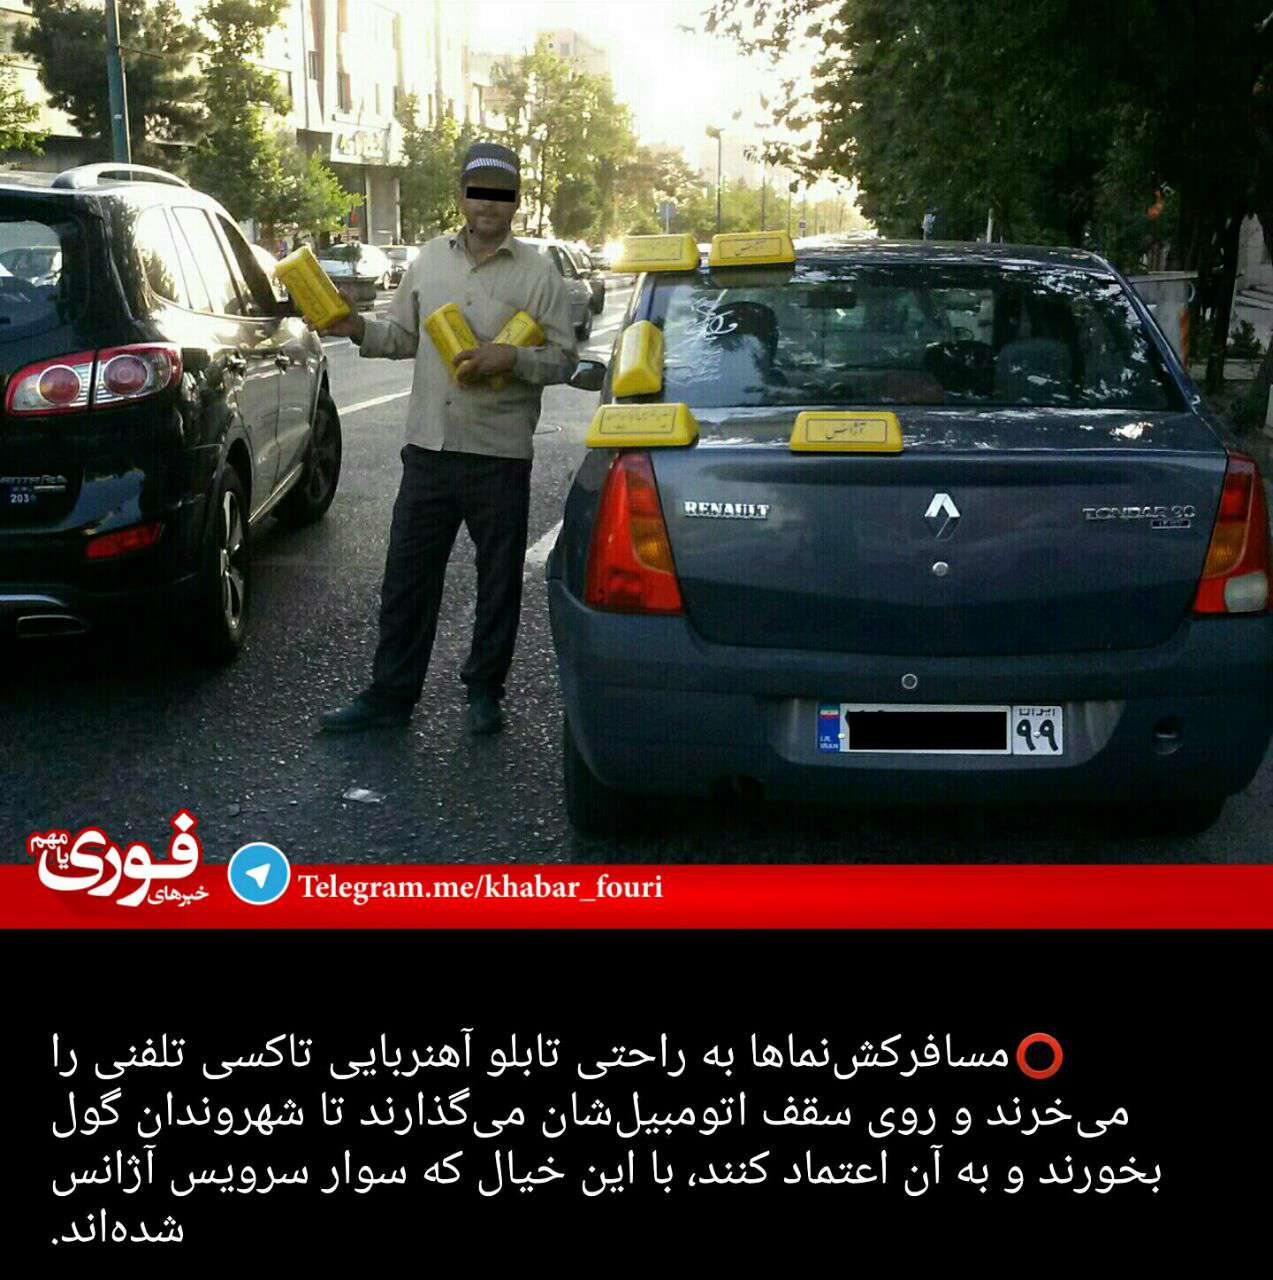 """فروش تابلوهای زرد مخصوص """"تاکسی تلفنی"""" در تهران، جهت جعل این عنوان و جلب اعتماد مسافران!"""